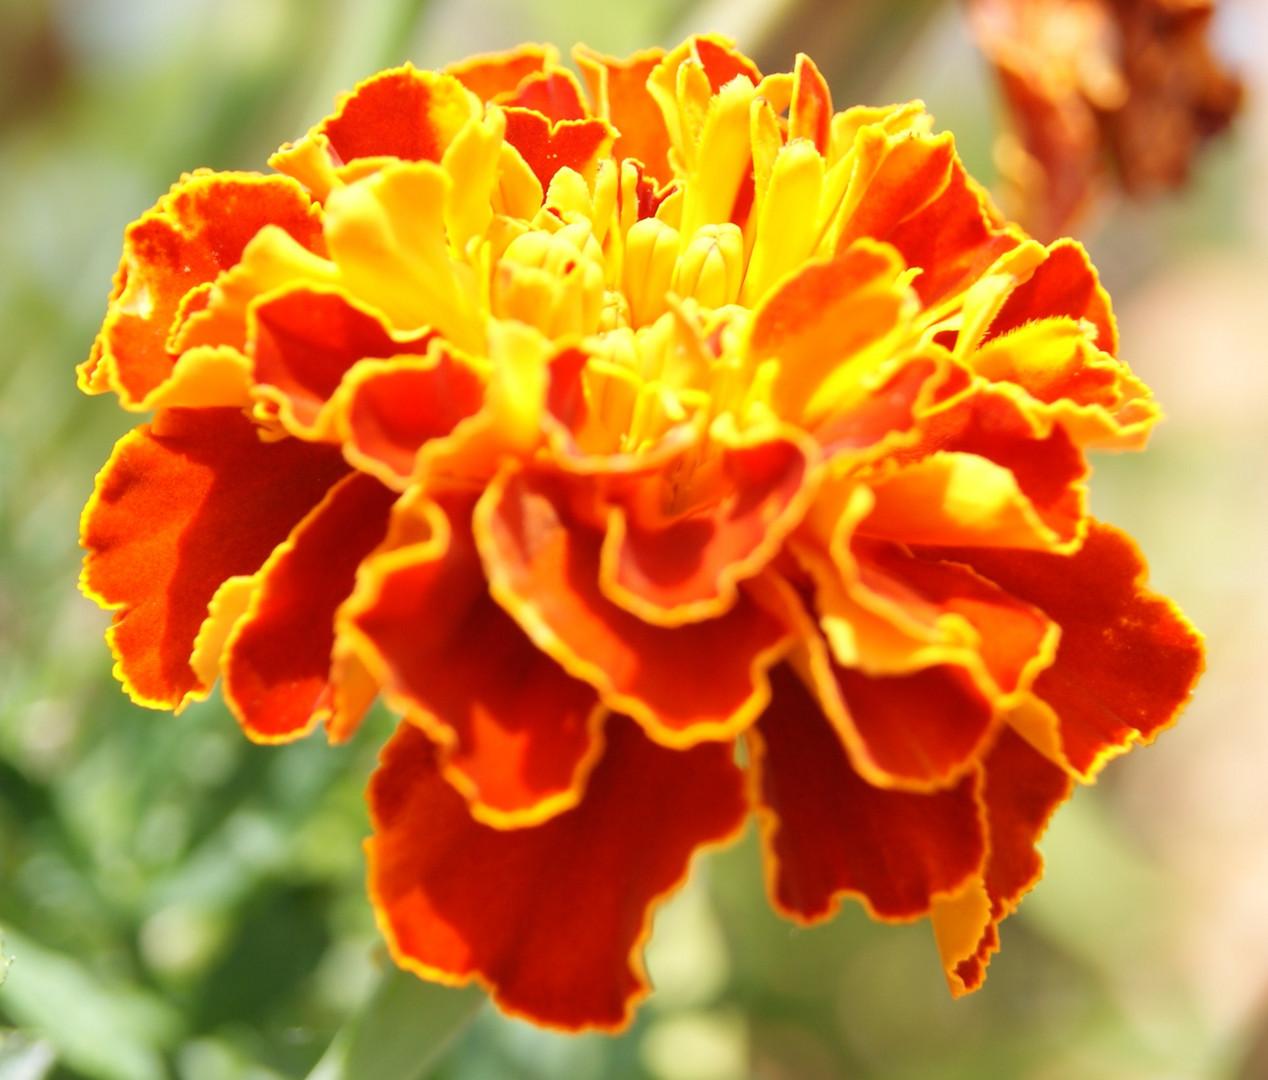 fleur de flame